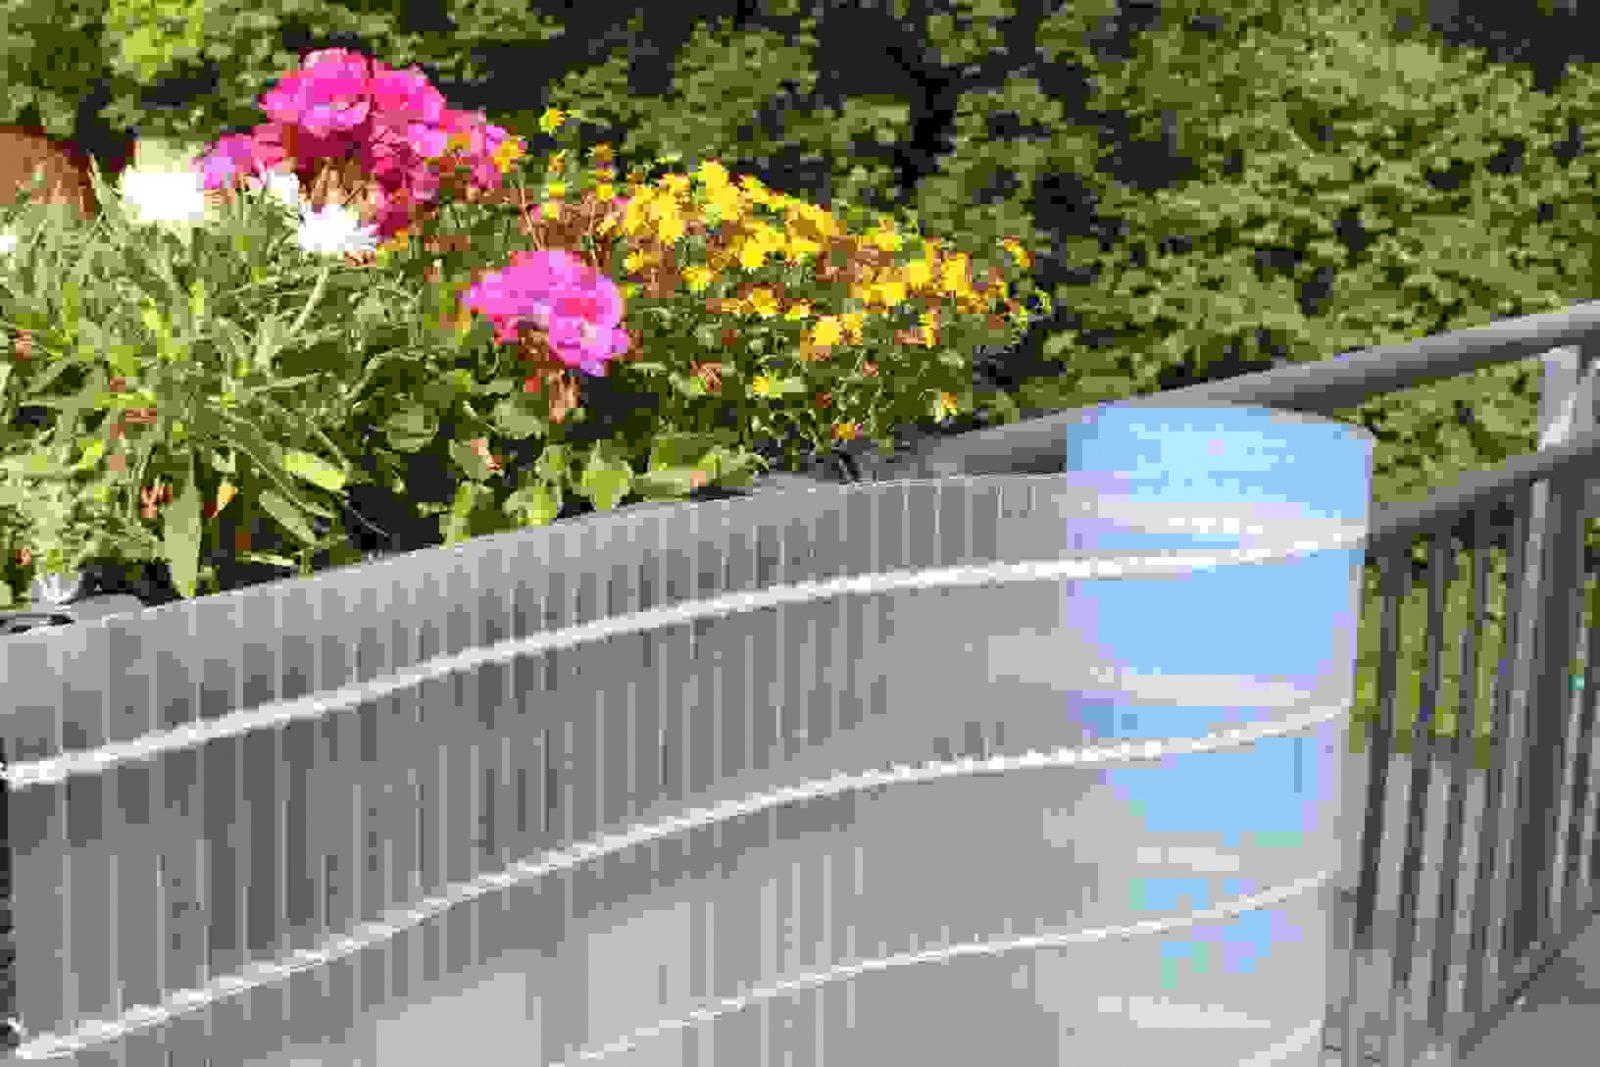 Sichtschutzmatten Pvc Balkon Sichtschutz Kunststoff Von Balkon von Balkon Sichtschutz Kunststoff Meterware Photo